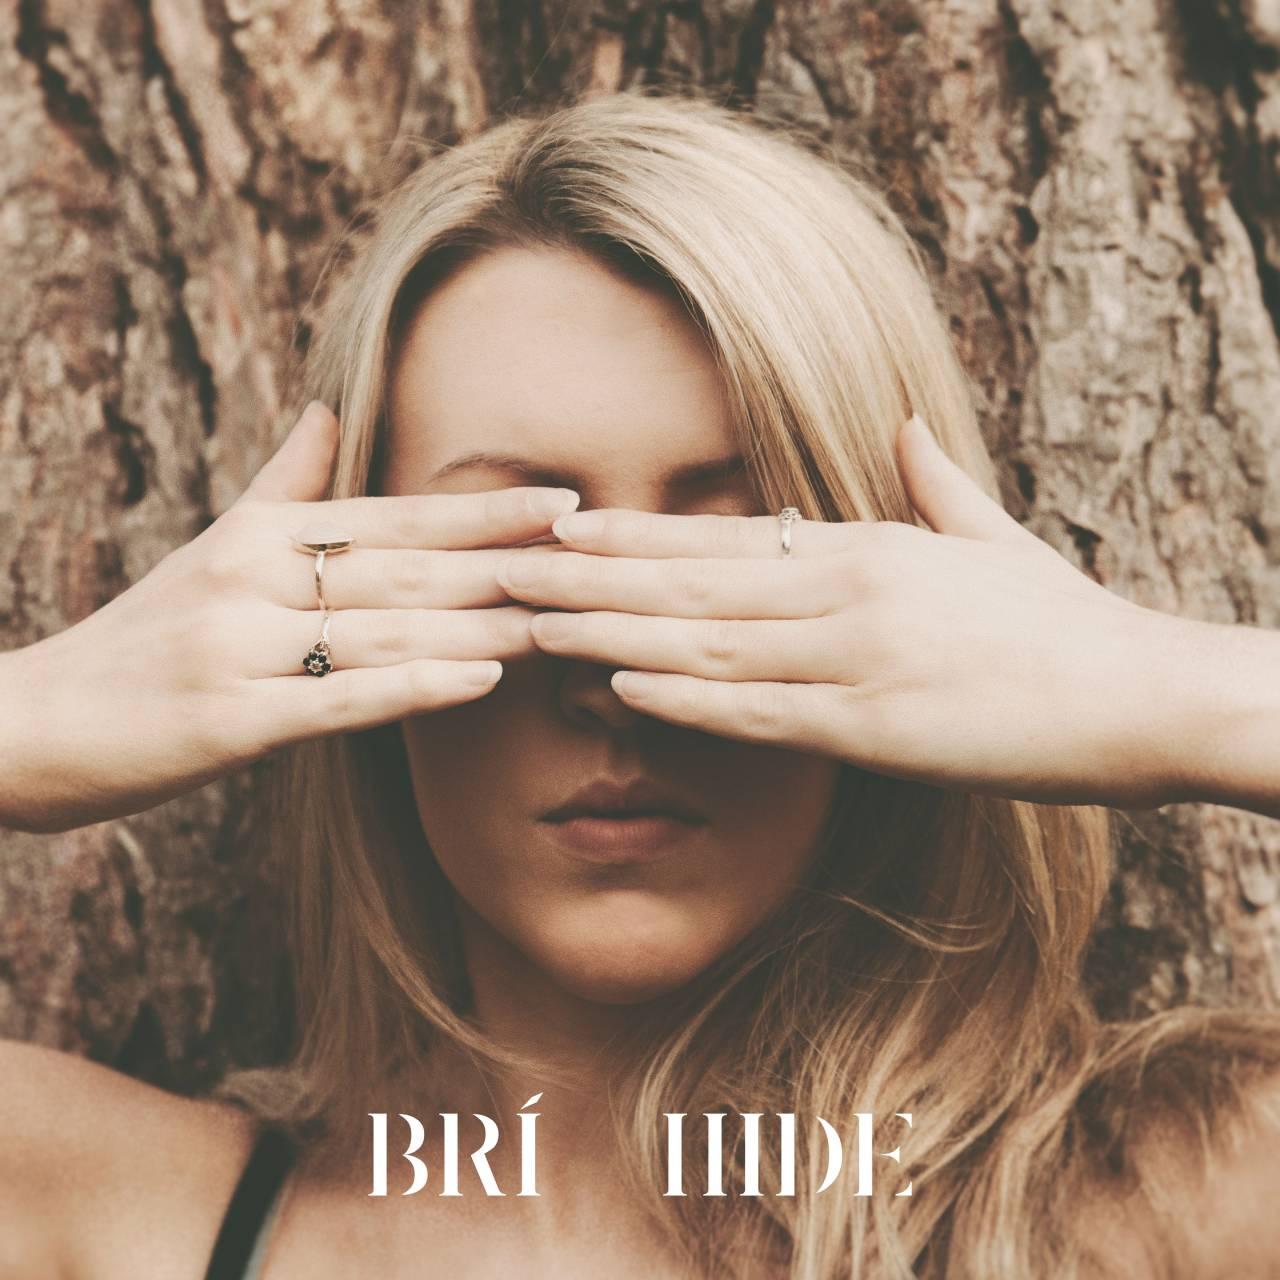 Bri - Hide